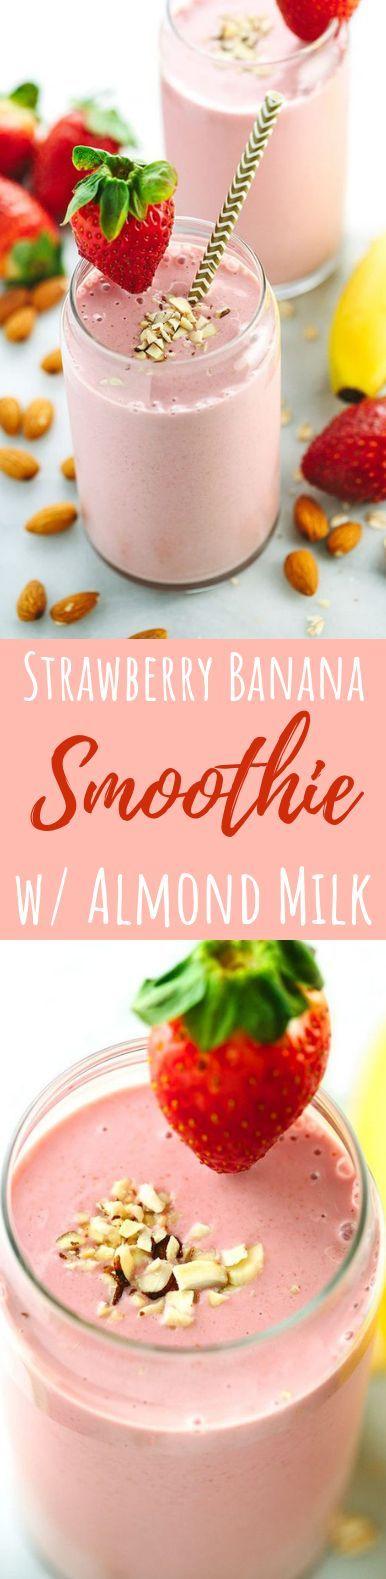 Erdbeer-Bananen-Smoothie mit Mandelmilch #Gesundheitsgetränk #Frühstück #strawberrybananasmoothie